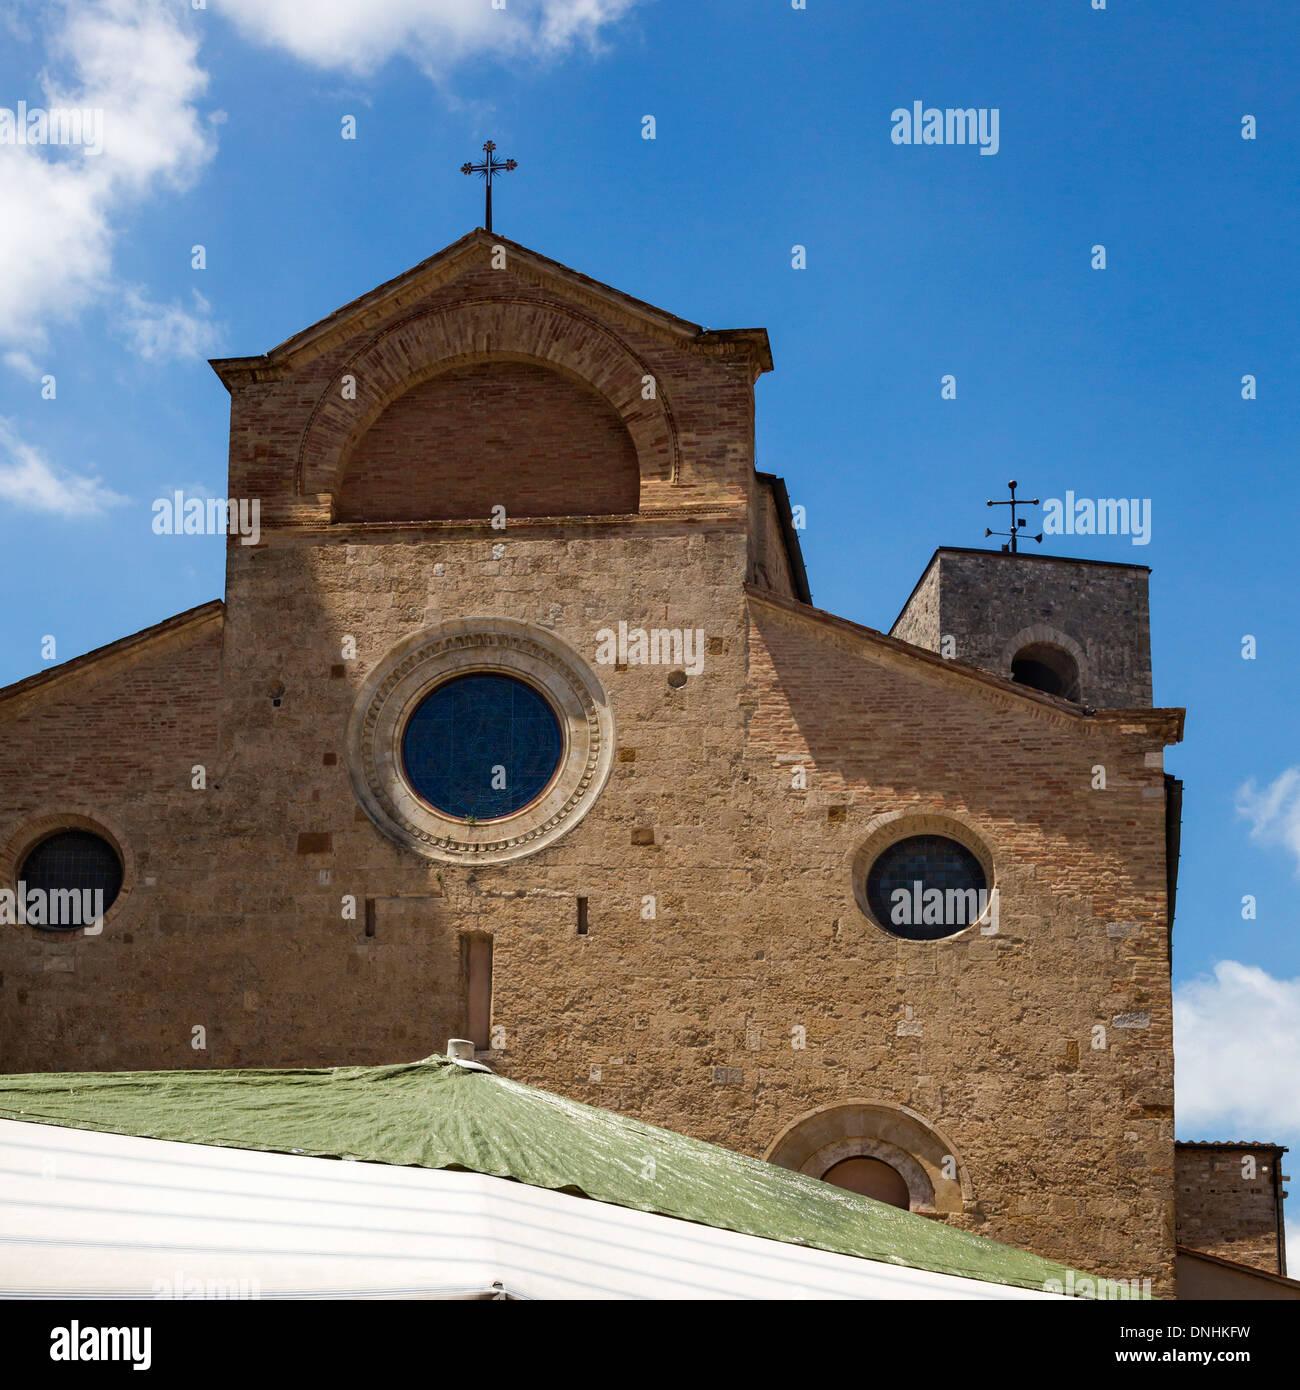 Église, Collégiale de San Gimignano, Piazza del Duomo, San Gimignano, Sienne, Province de Sienne, Toscane, Italie Banque D'Images